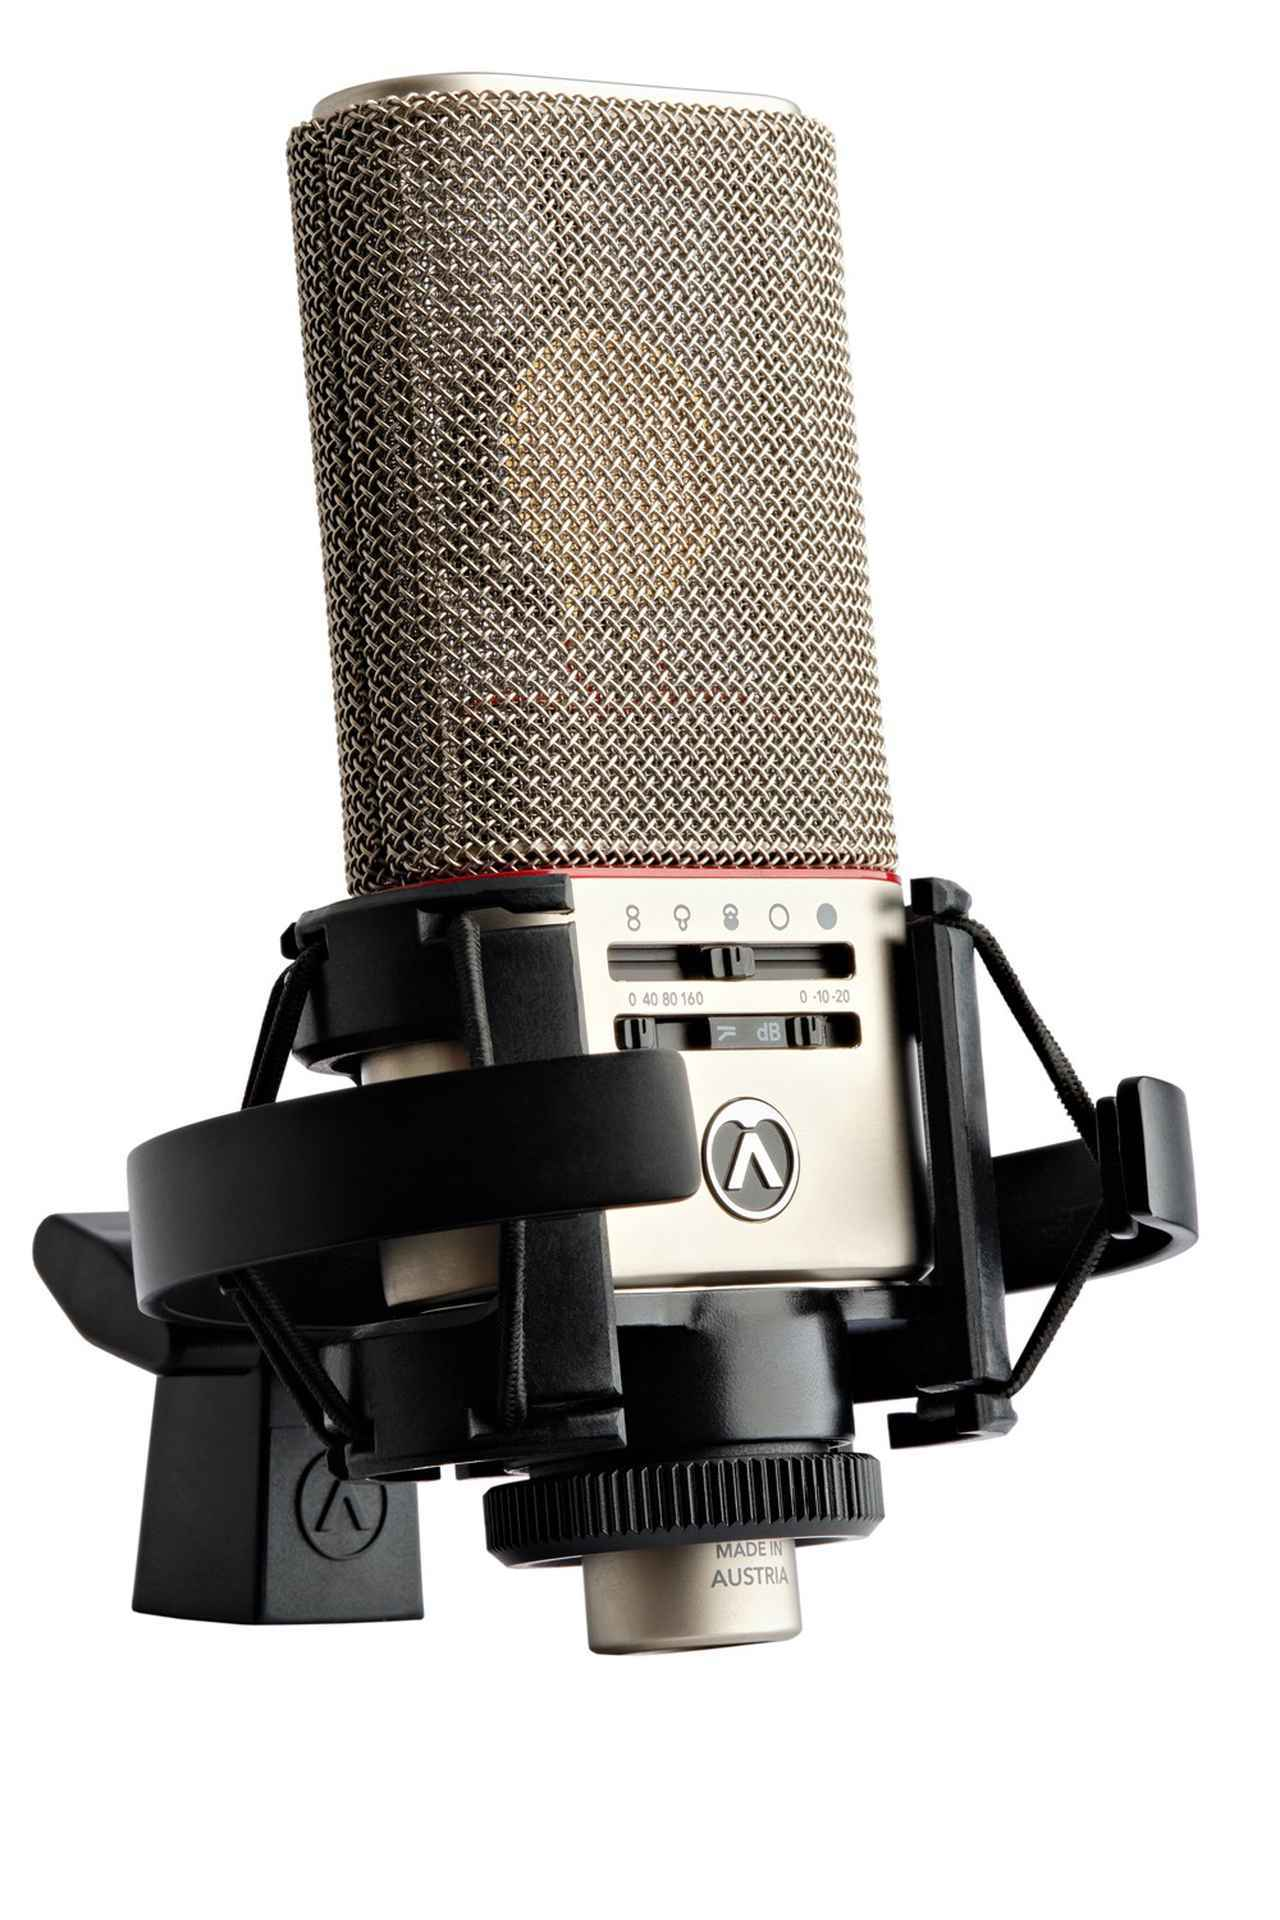 画像: 「Austrian Audio」初の製品、マルチ・パターンのコンデンサー・マイク「OC818」。セラミックを使用したオリジナル・カプセル「CKR12」を搭載。2枚備わったダイアフラムを電圧で制御することで、パターンを自由に変えることが可能。このコントロールは、スマートフォンを使って遠隔から行うことができる